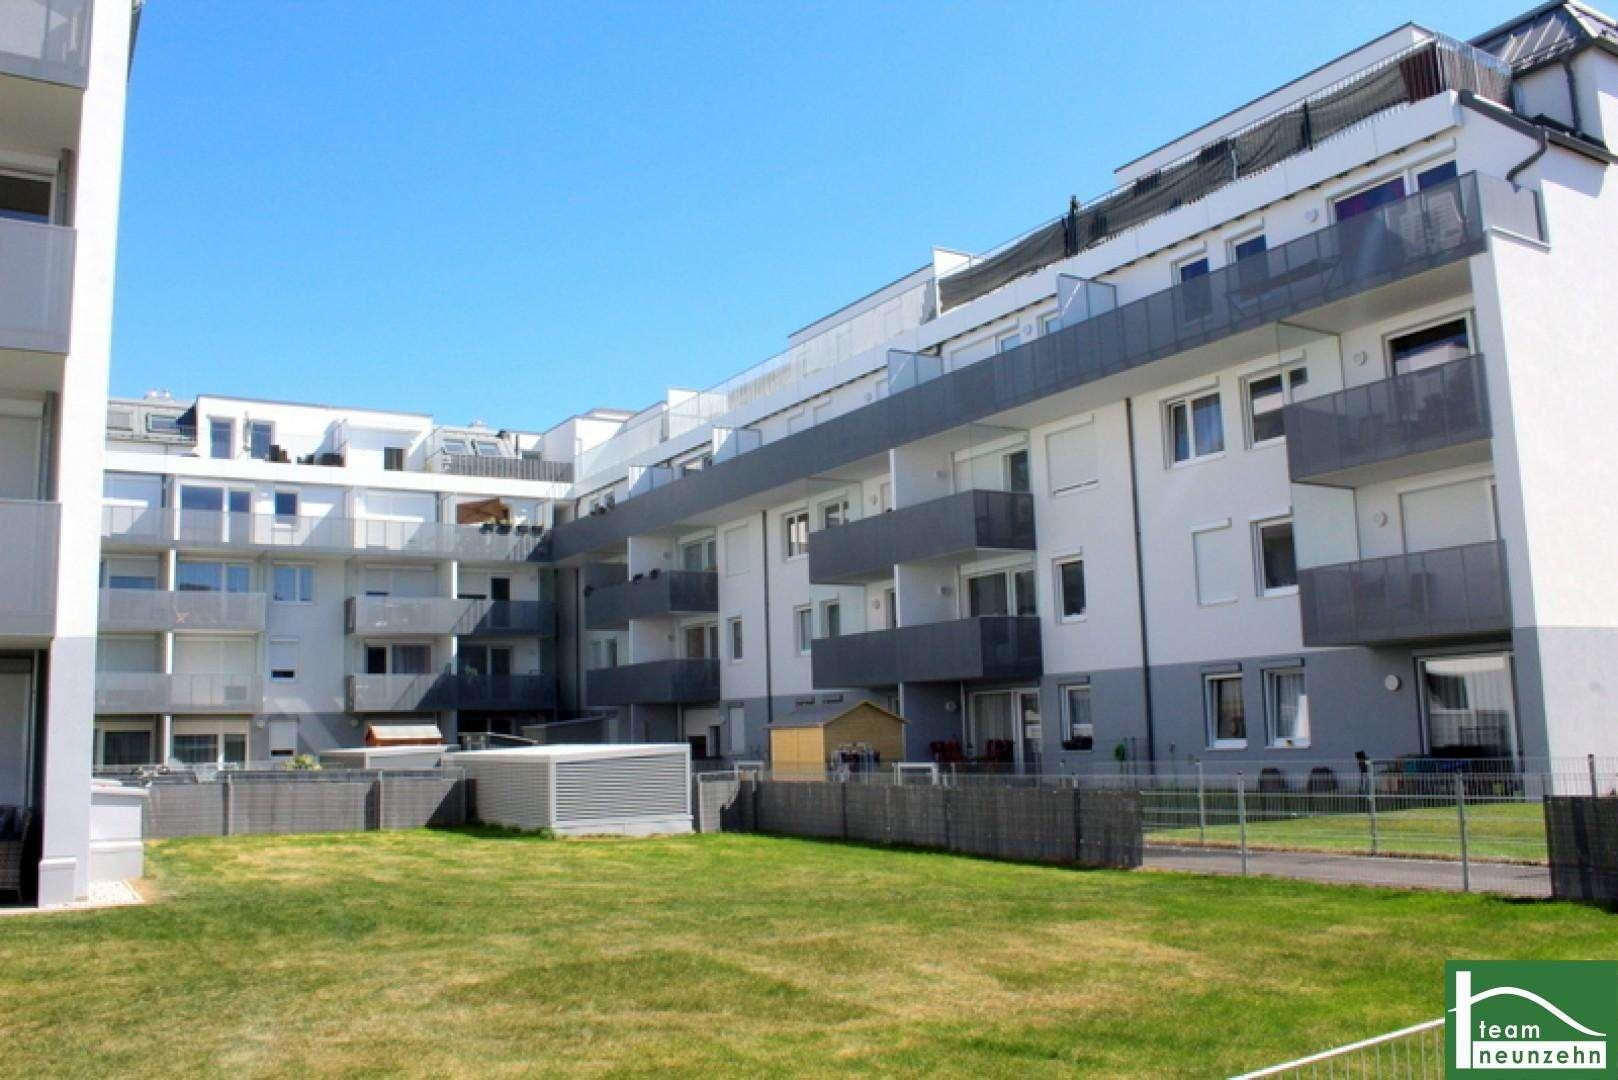 Das Beste aus Stadt und Natur! Wohnen im Herzen von Wiener Neustadt! Moderne Erstbezugswohnungen inkl. Küche!